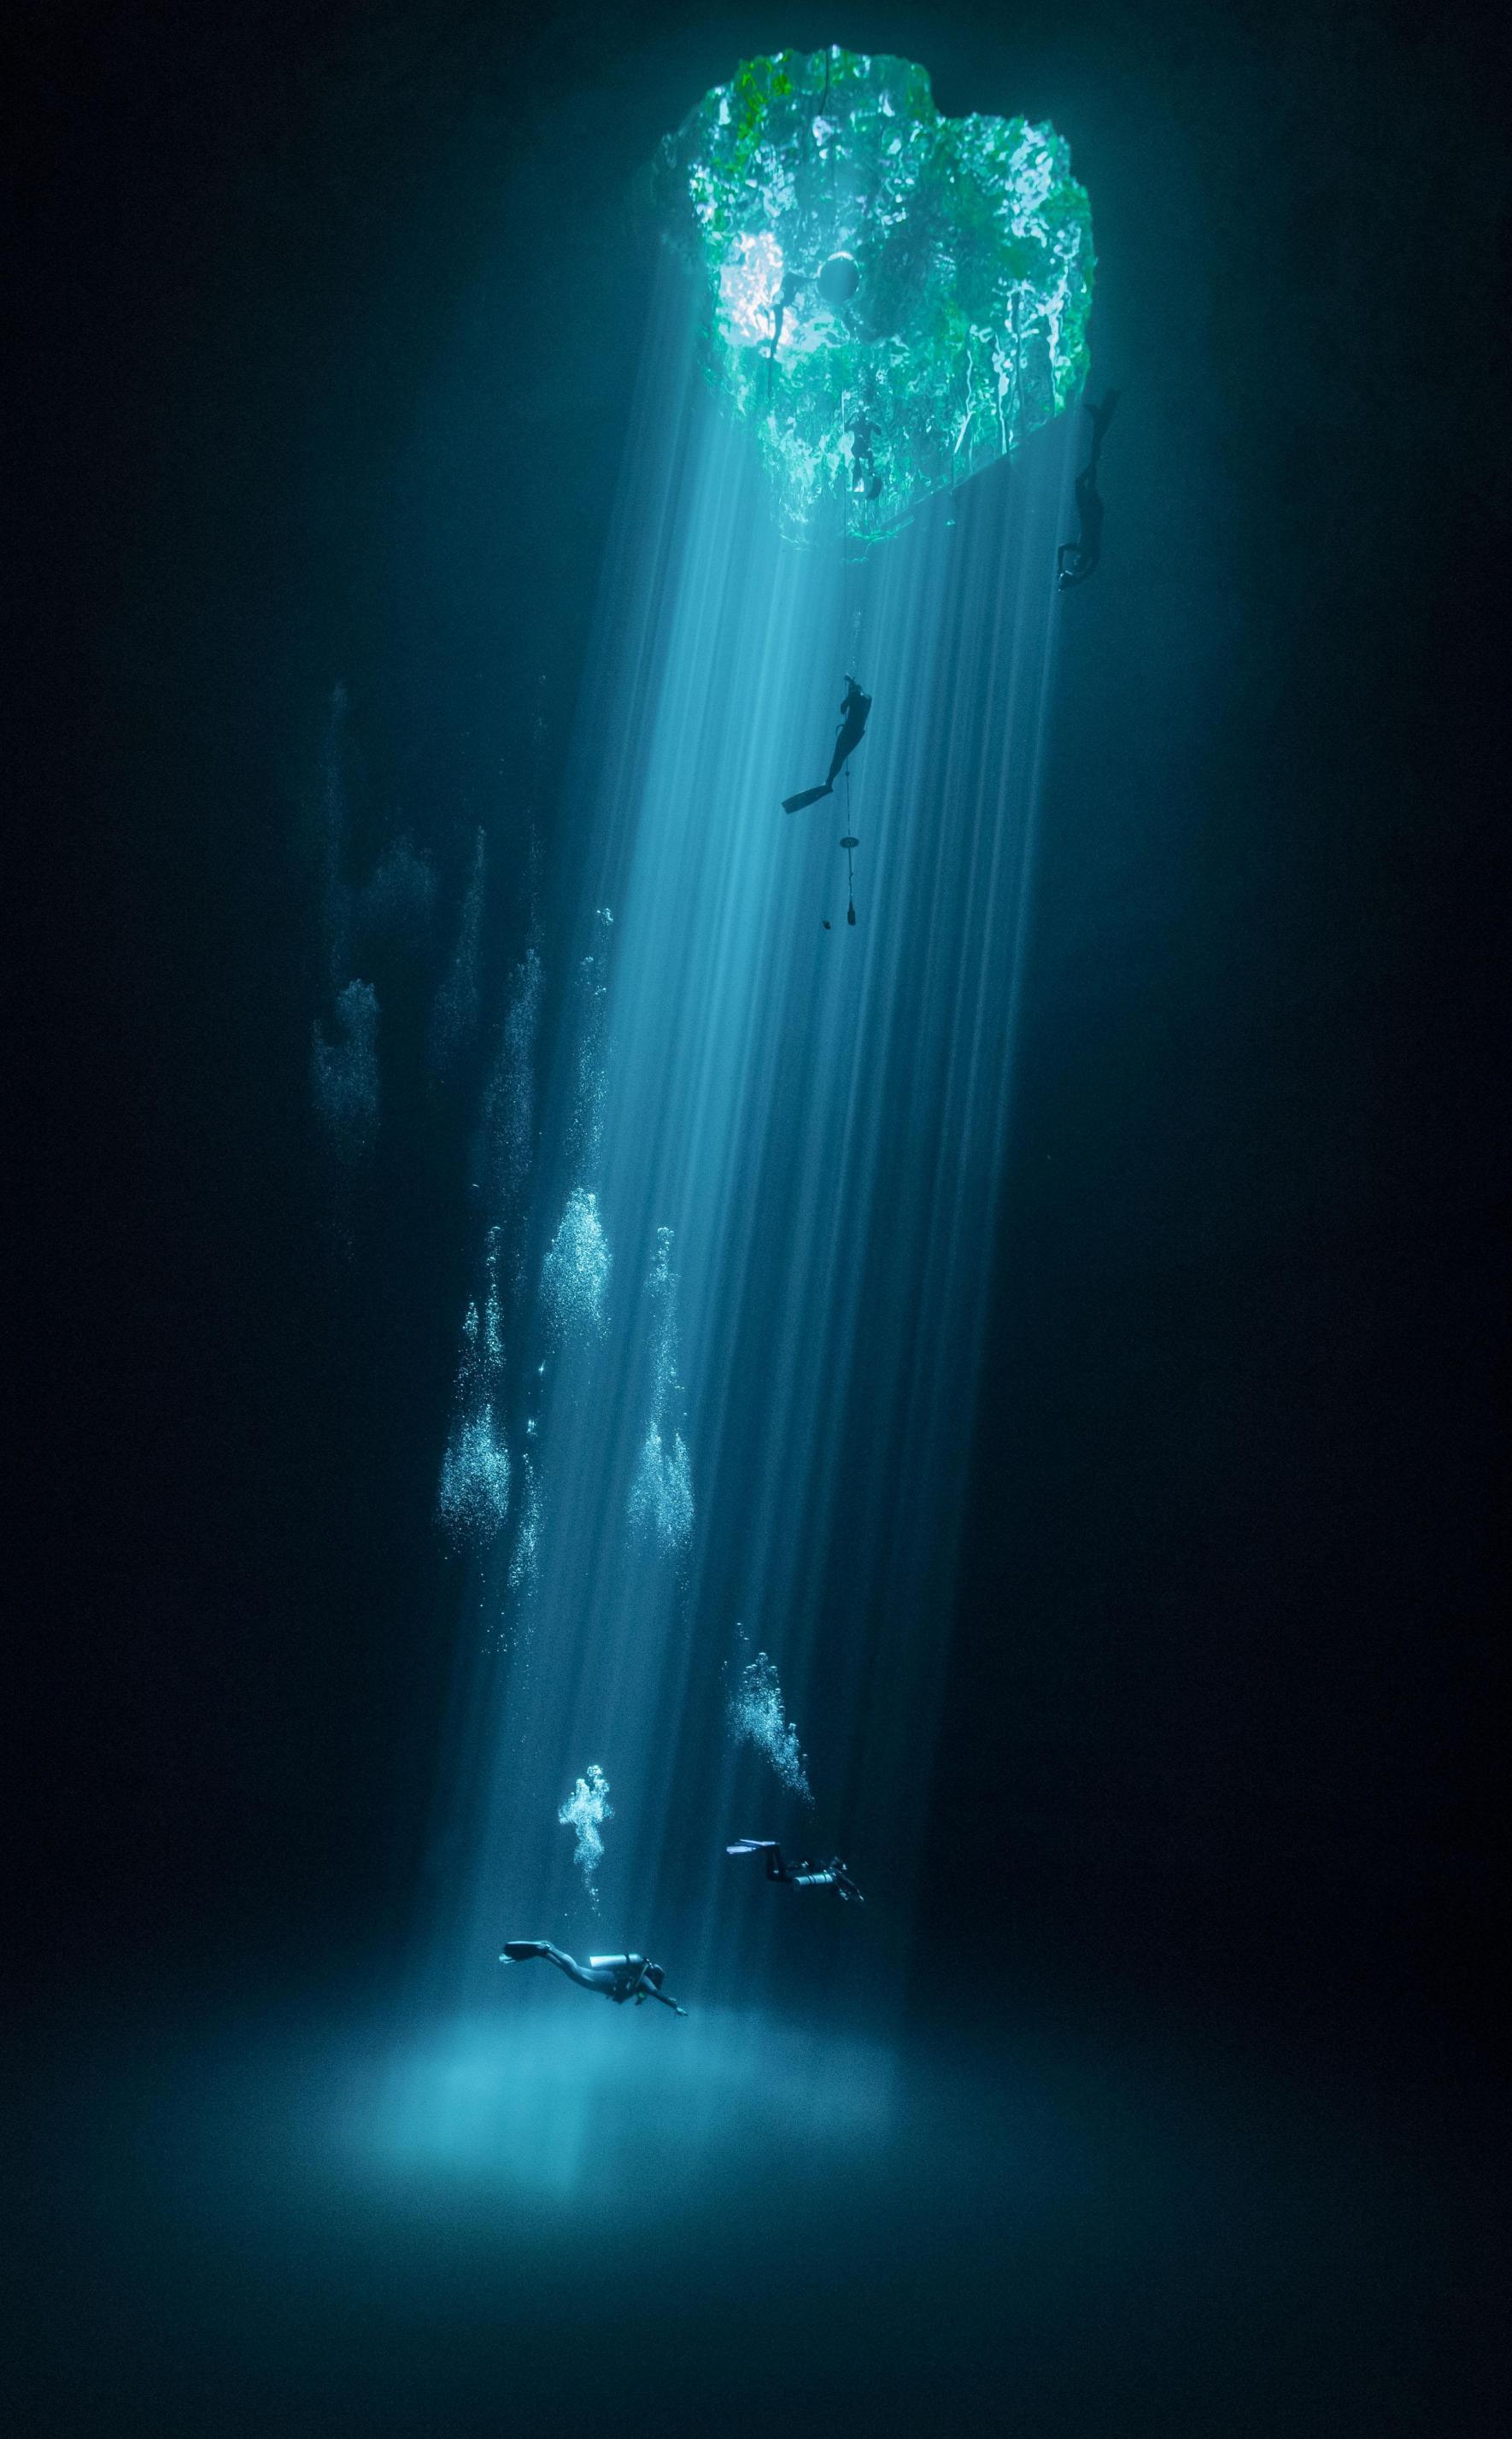 Το δεύτερο βραβείο για την κατηγορία Νερό πήγε στον Χόραμ Μένες από το Μεξικό για τη φωτογραφία του με κολυμβητές και δύτες σε μια από τις υπόγειες λίμνες (γνωστές ως Cenotes) του Γιουκατάν